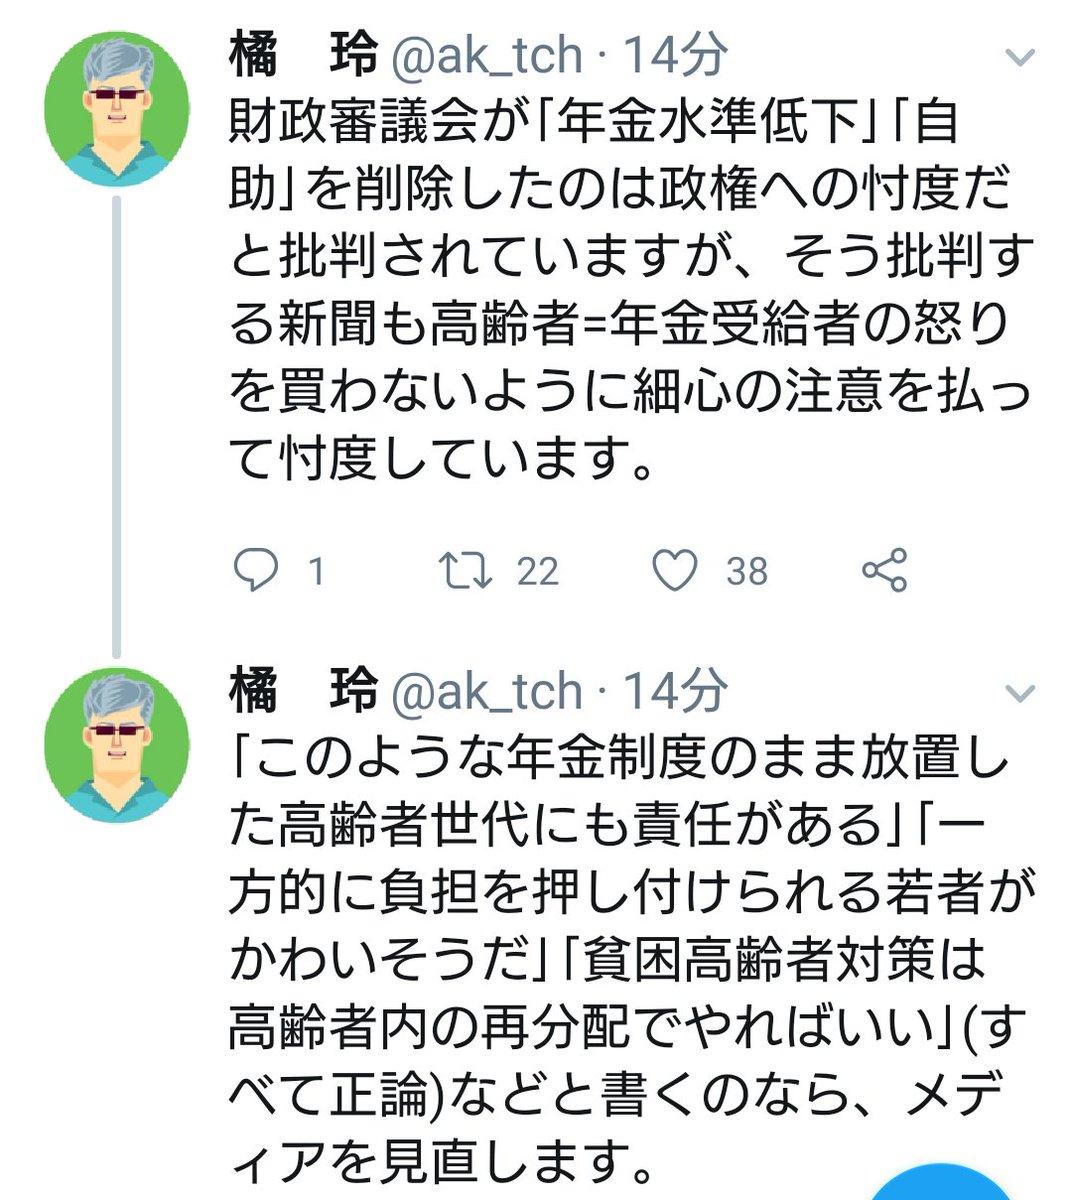 年金問題で作家の橘玲氏の一連のツイートを国民は知っておくべき!